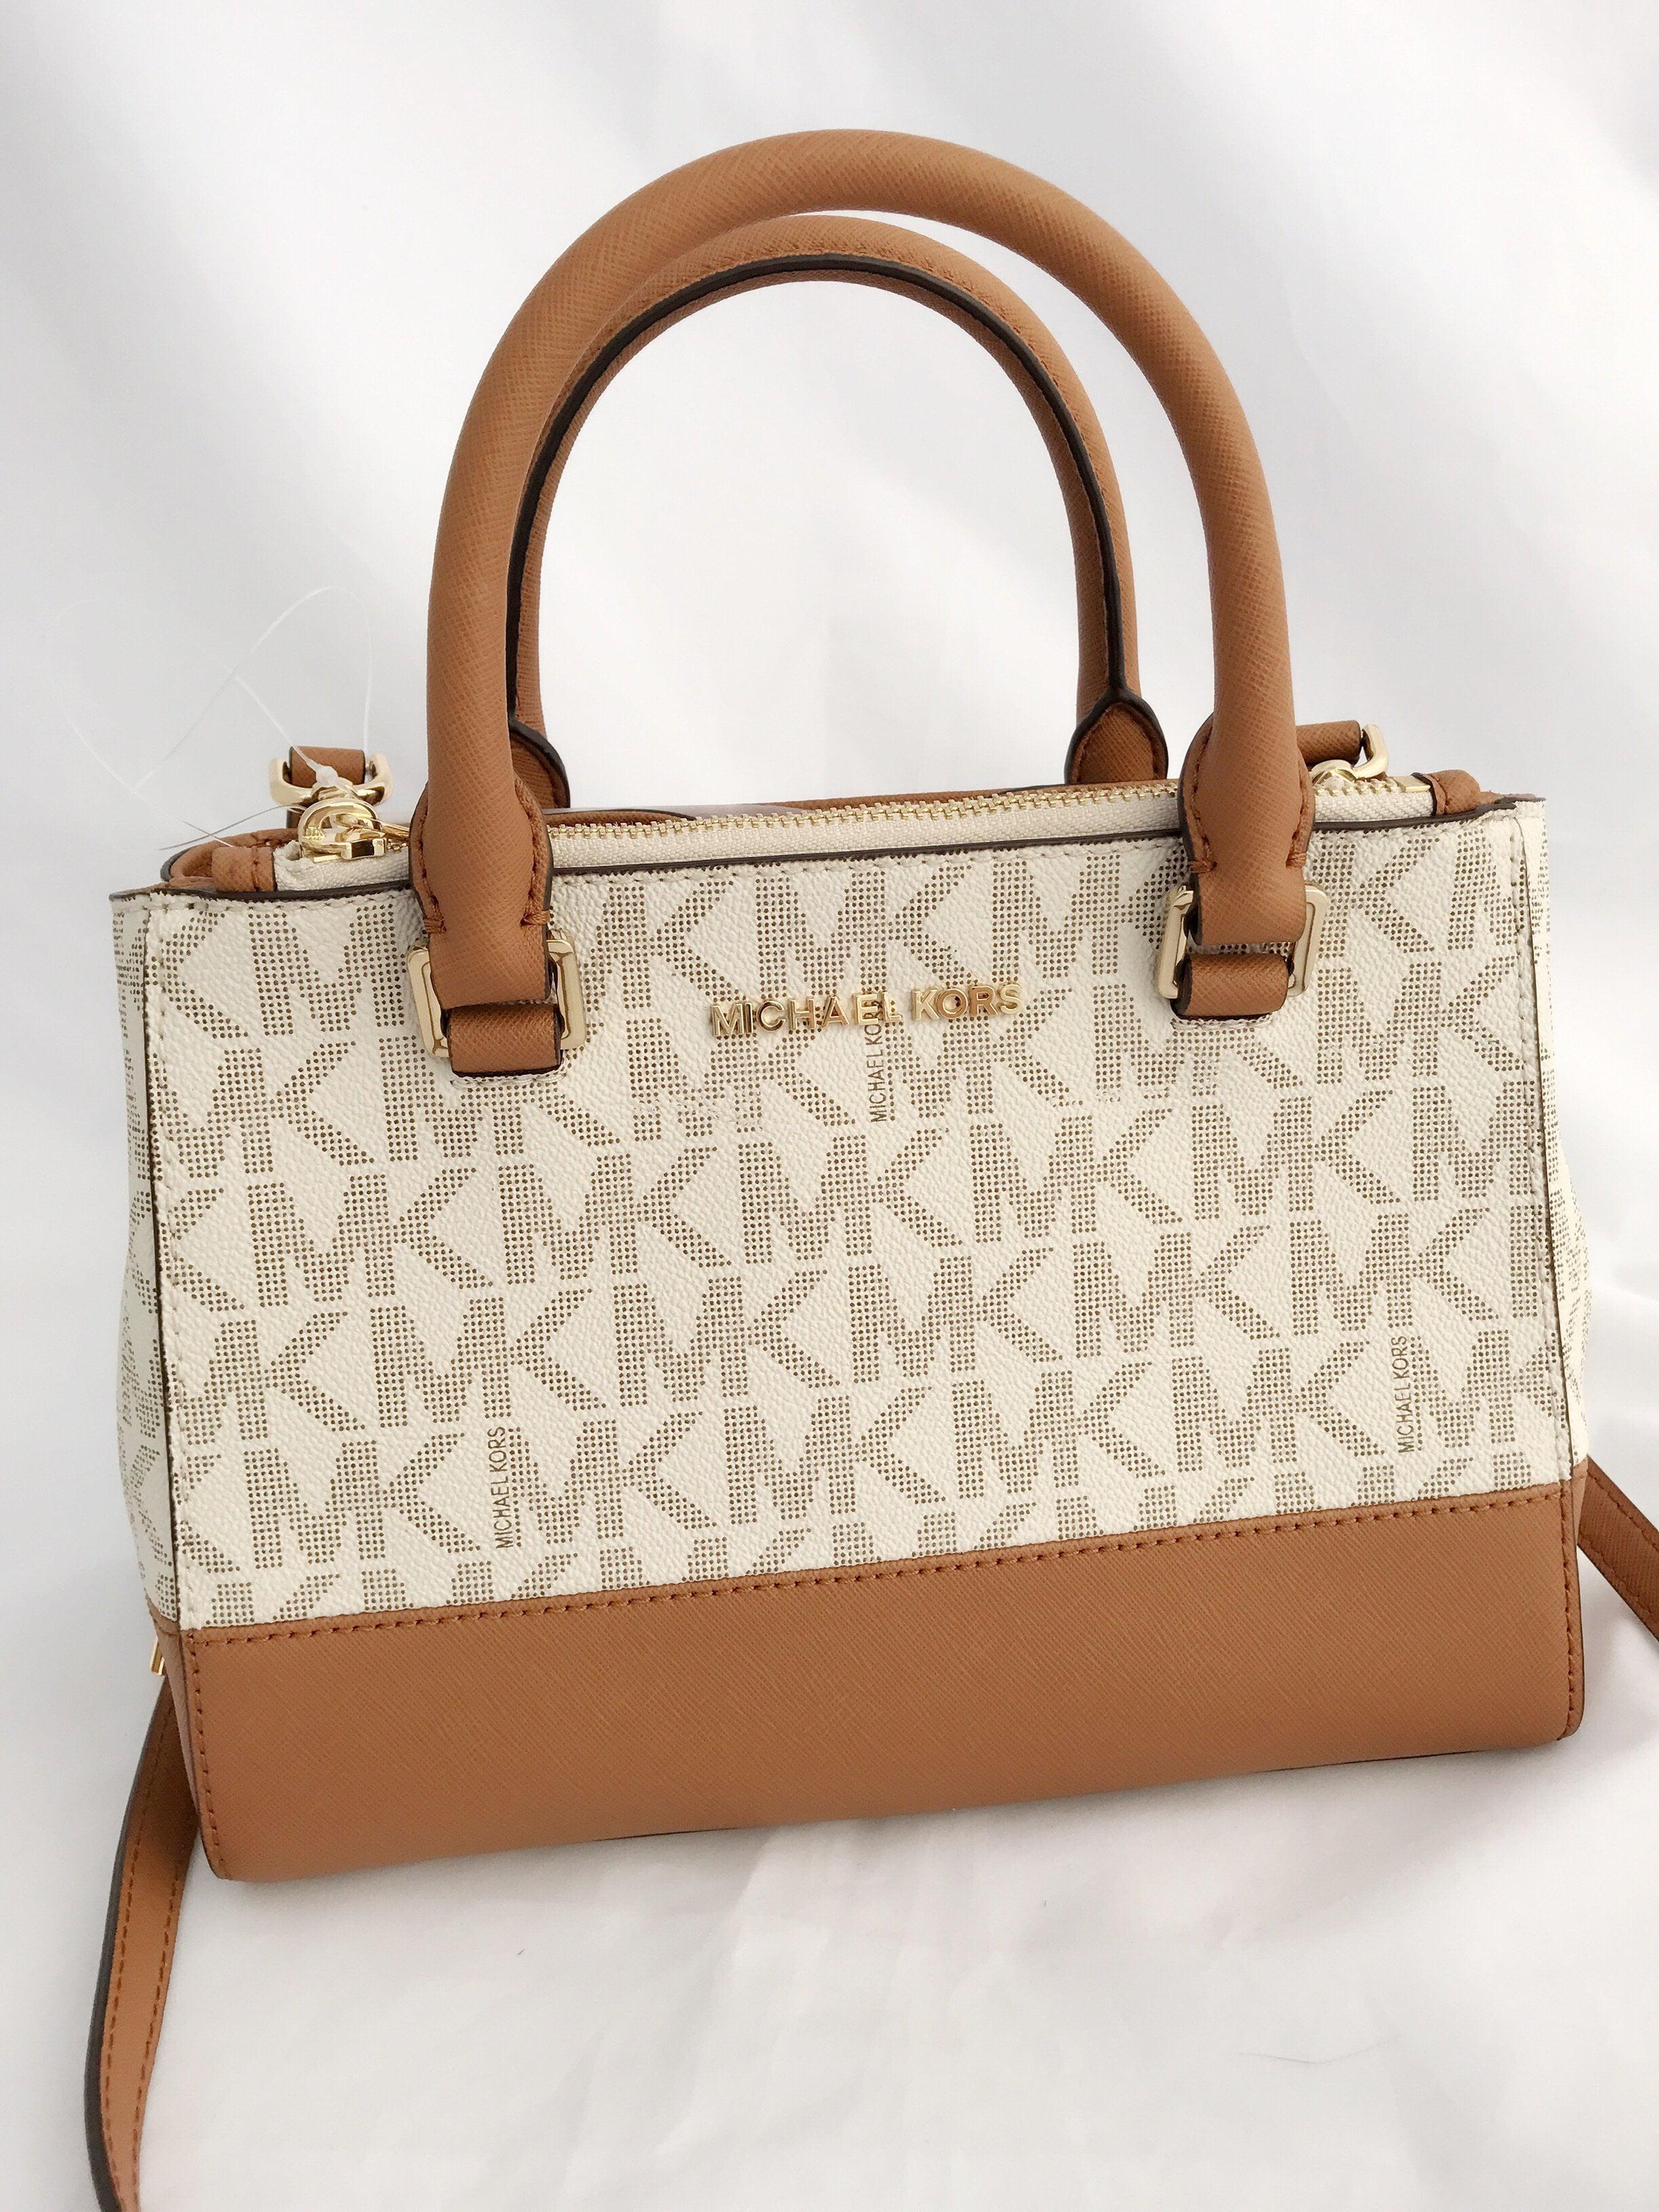 9b0275e4a8848 Michael Kors - NWT Michael Kors Kellen XS Satchel Vanilla MK Signature  Acorn Crossbody Bag - Walmart.com